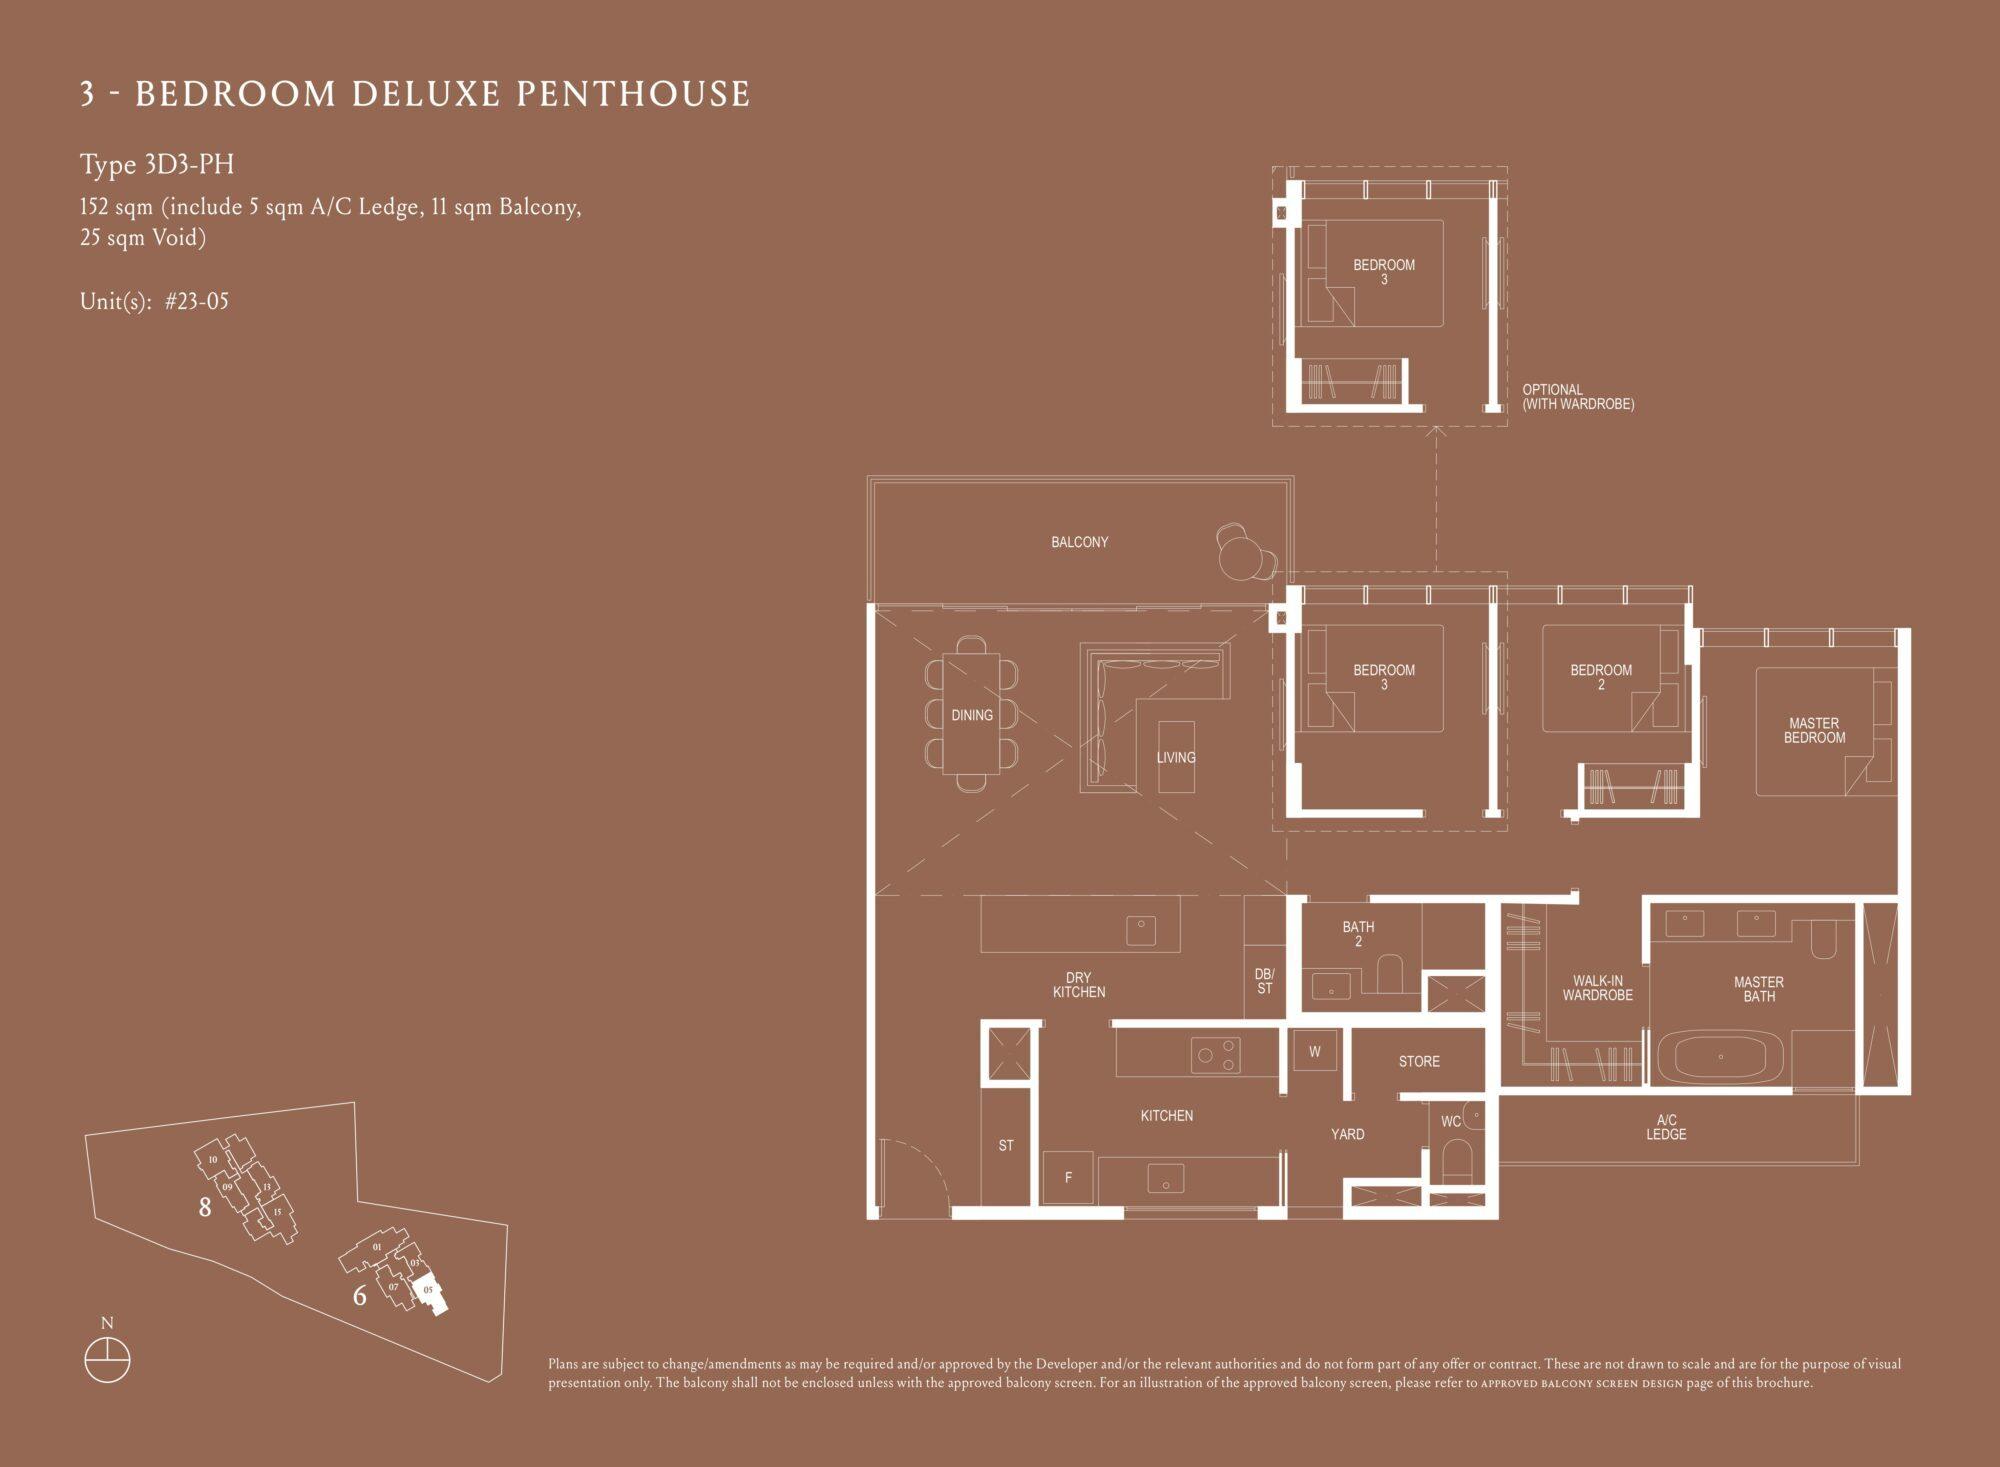 Kopar At Newton 纽顿铜源 3-bedroom deluxe penthouse 3D3-PH floor plan